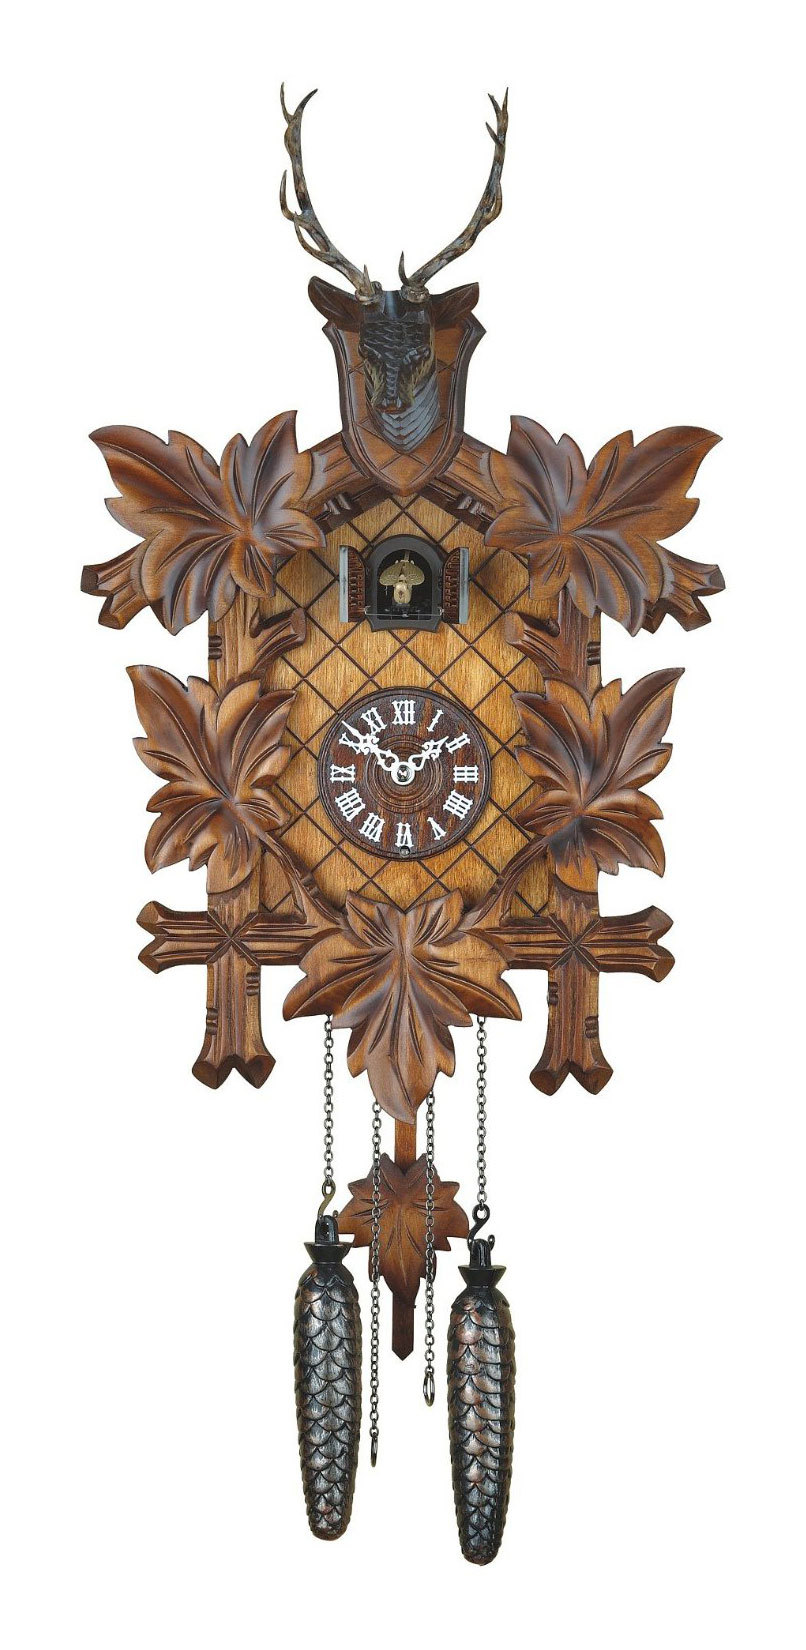 Часы настенные Часы настенные с кукушкой Trenkle 355 Q chasy-nastennye-s-kukushkoy-trenkle-355-q-germaniya.jpg